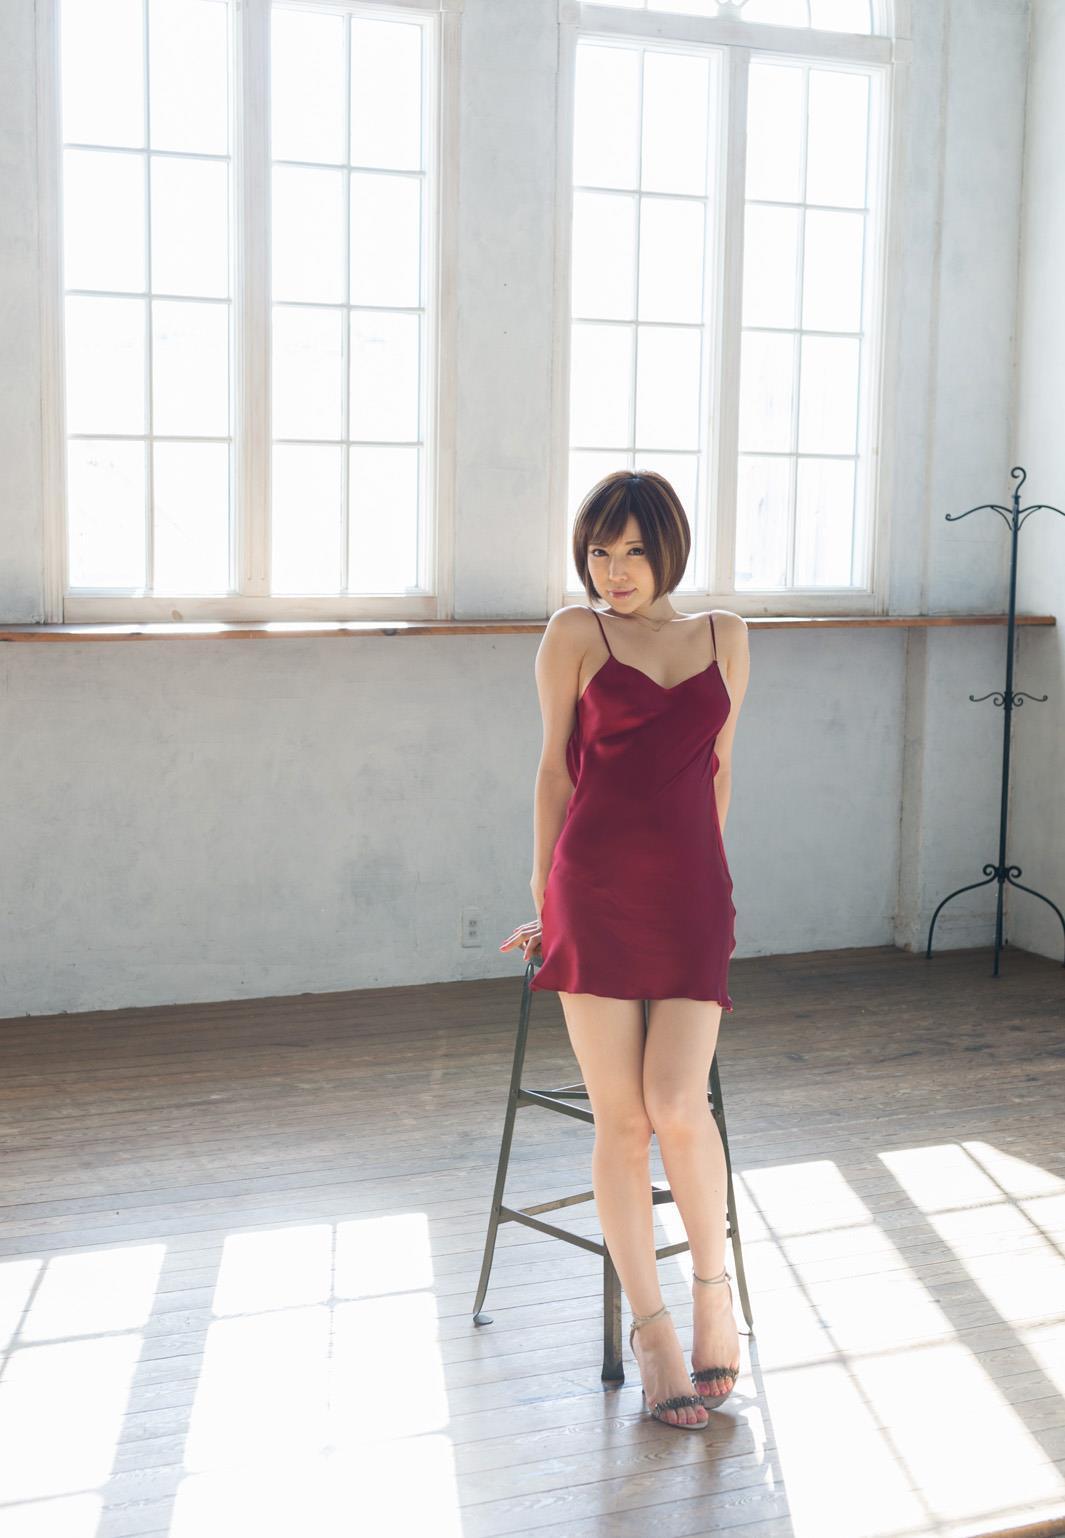 里美ゆりあ(小泉彩) ヌード画像 1